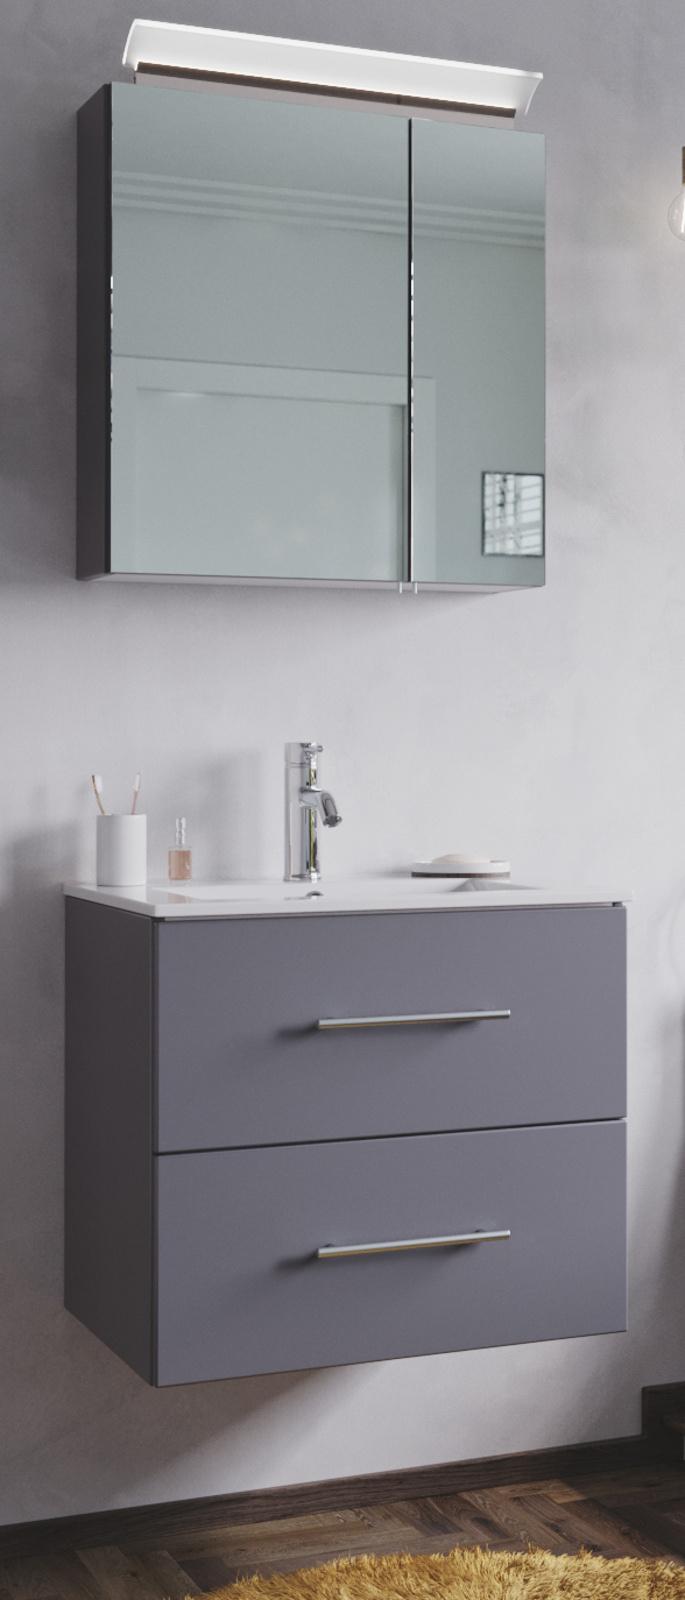 kommode vollholz eiche die neueste innovation der innenarchitektur und m bel. Black Bedroom Furniture Sets. Home Design Ideas